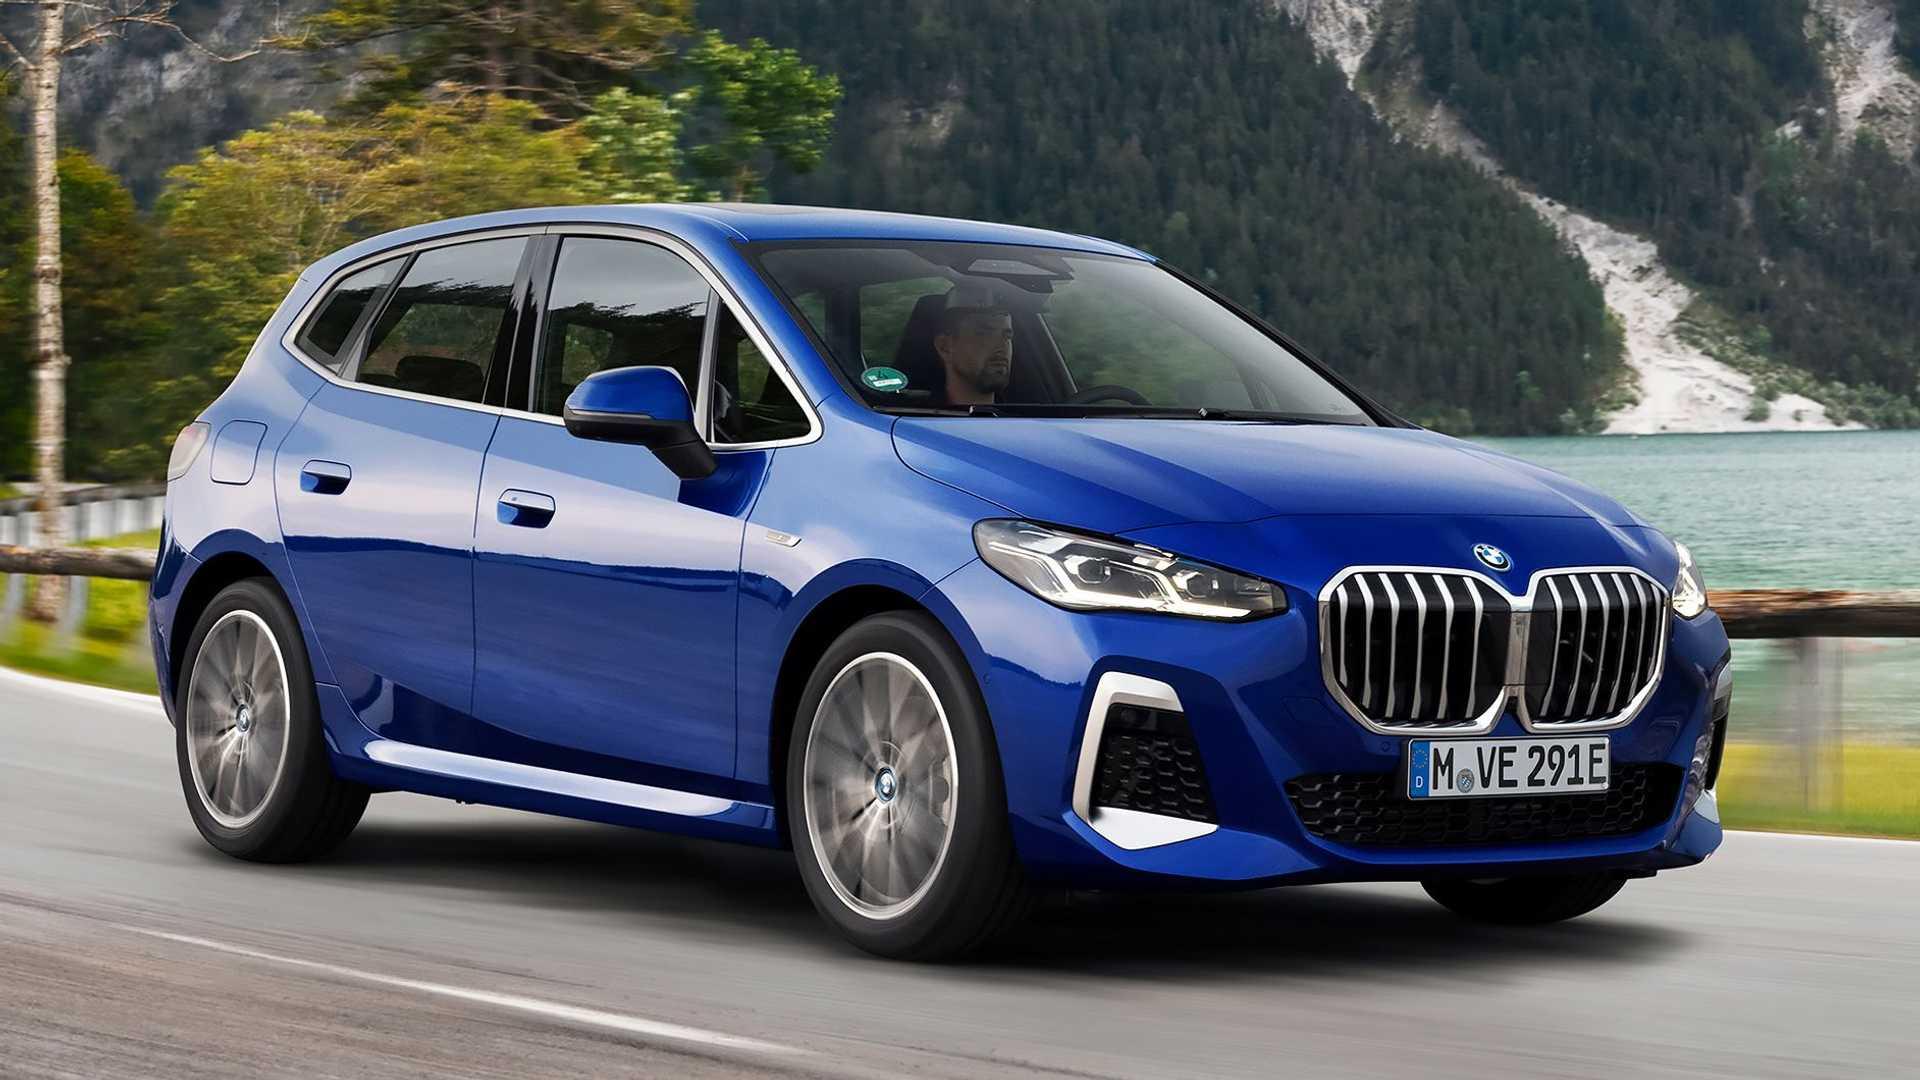 В 2014 году мир впервые увидел переднеприводный BMW 2-й серии Active Tourer, потом его несколько раз обновляли, и ходили слухи, что модель даже уберут из линейки. Но компания решила продлить цикл и порадовать поклонников вторым поколением.